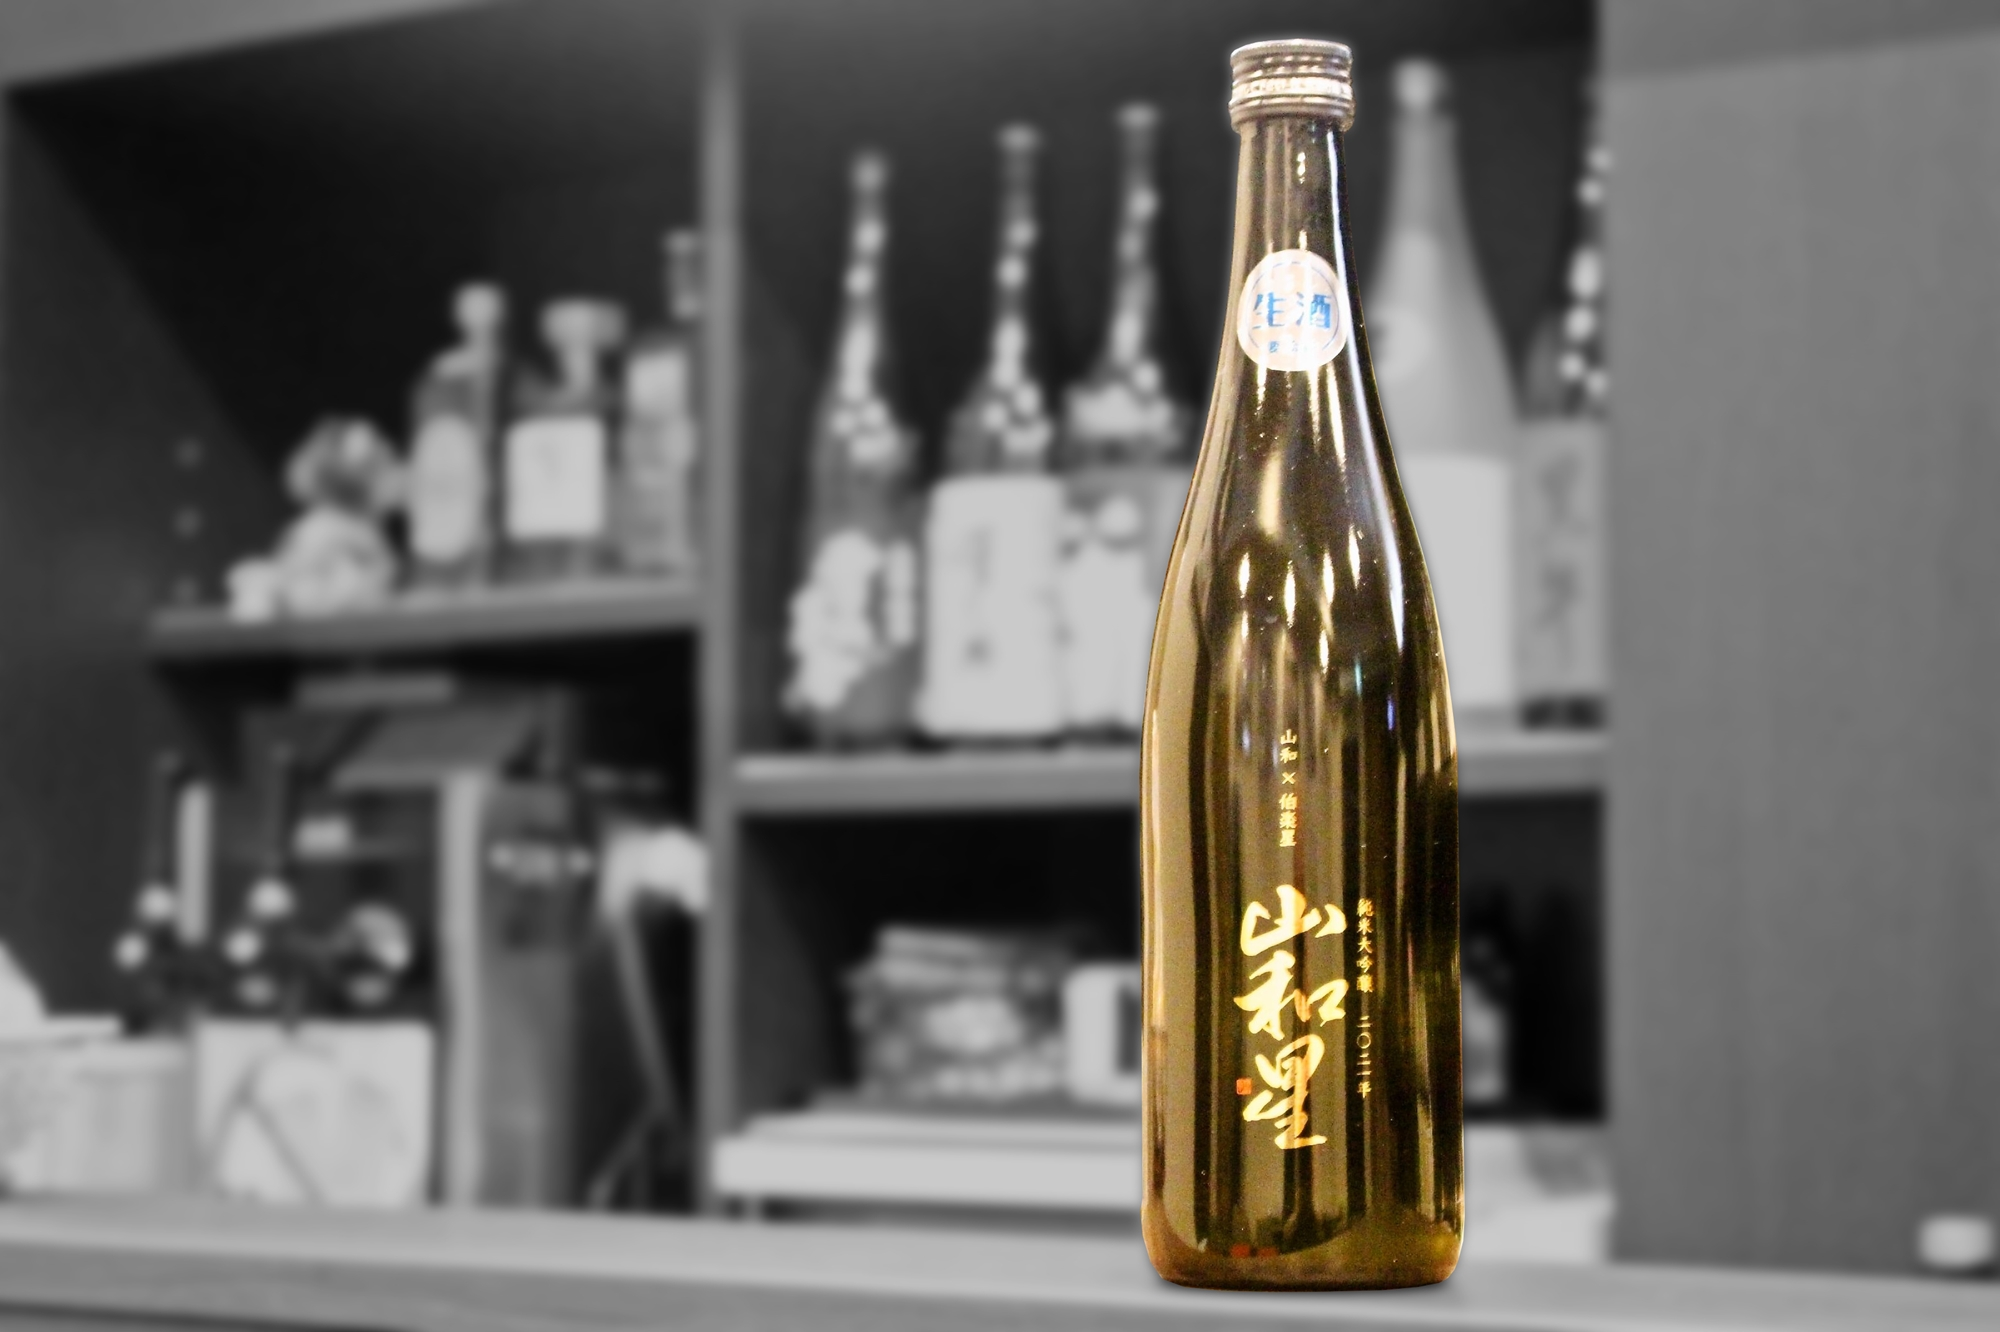 山和星純米大吟醸2021202101-001